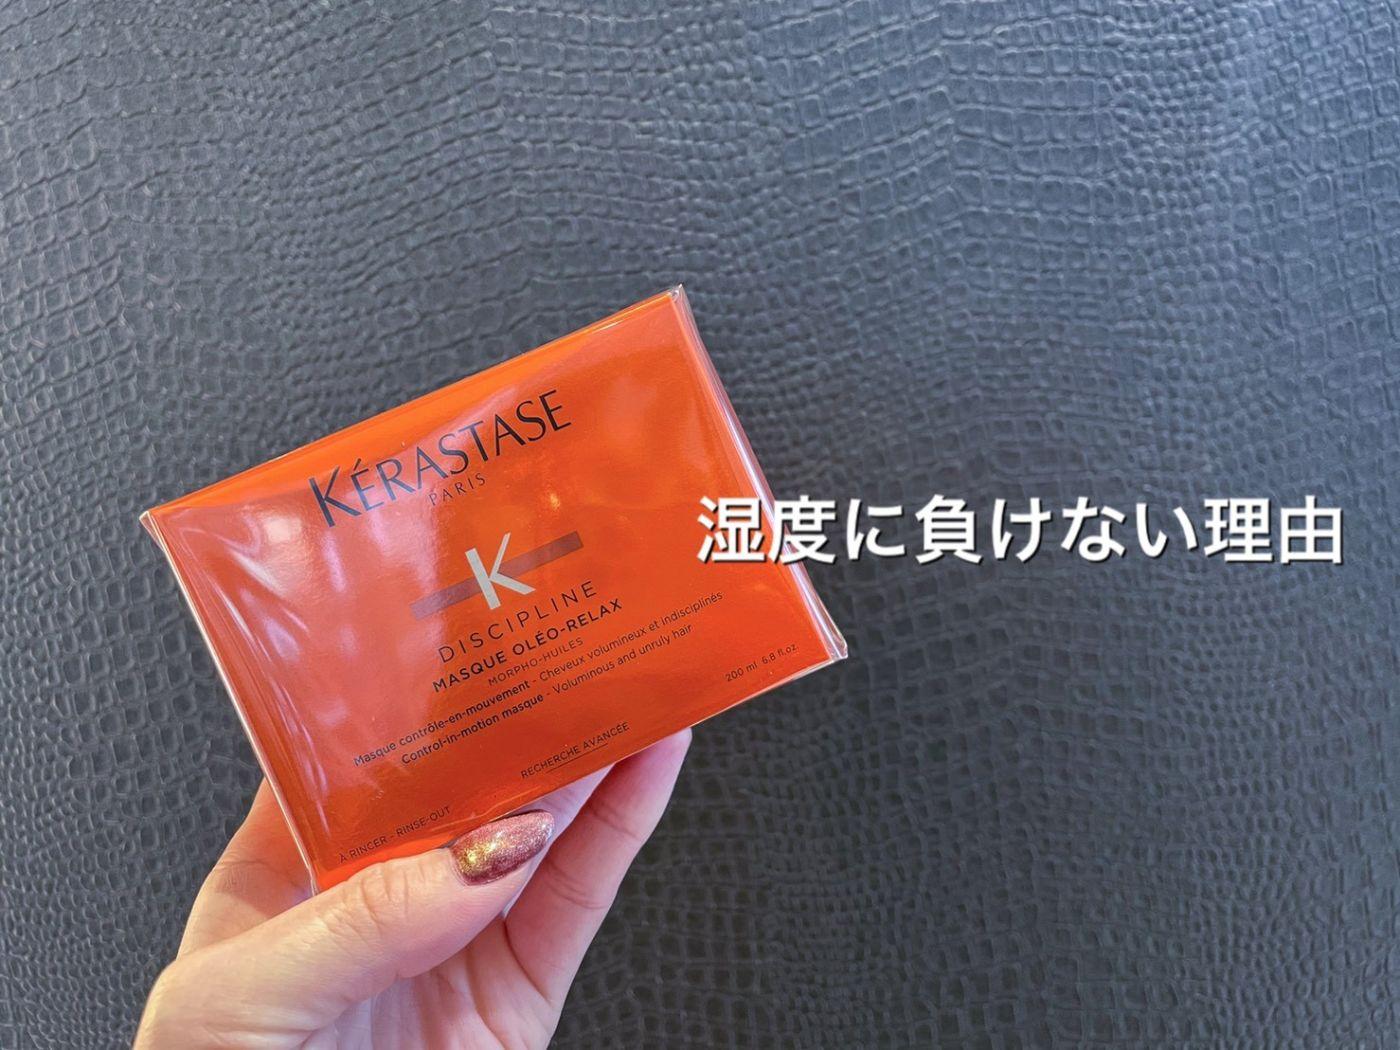 期待値★★★★★には訳がある!!